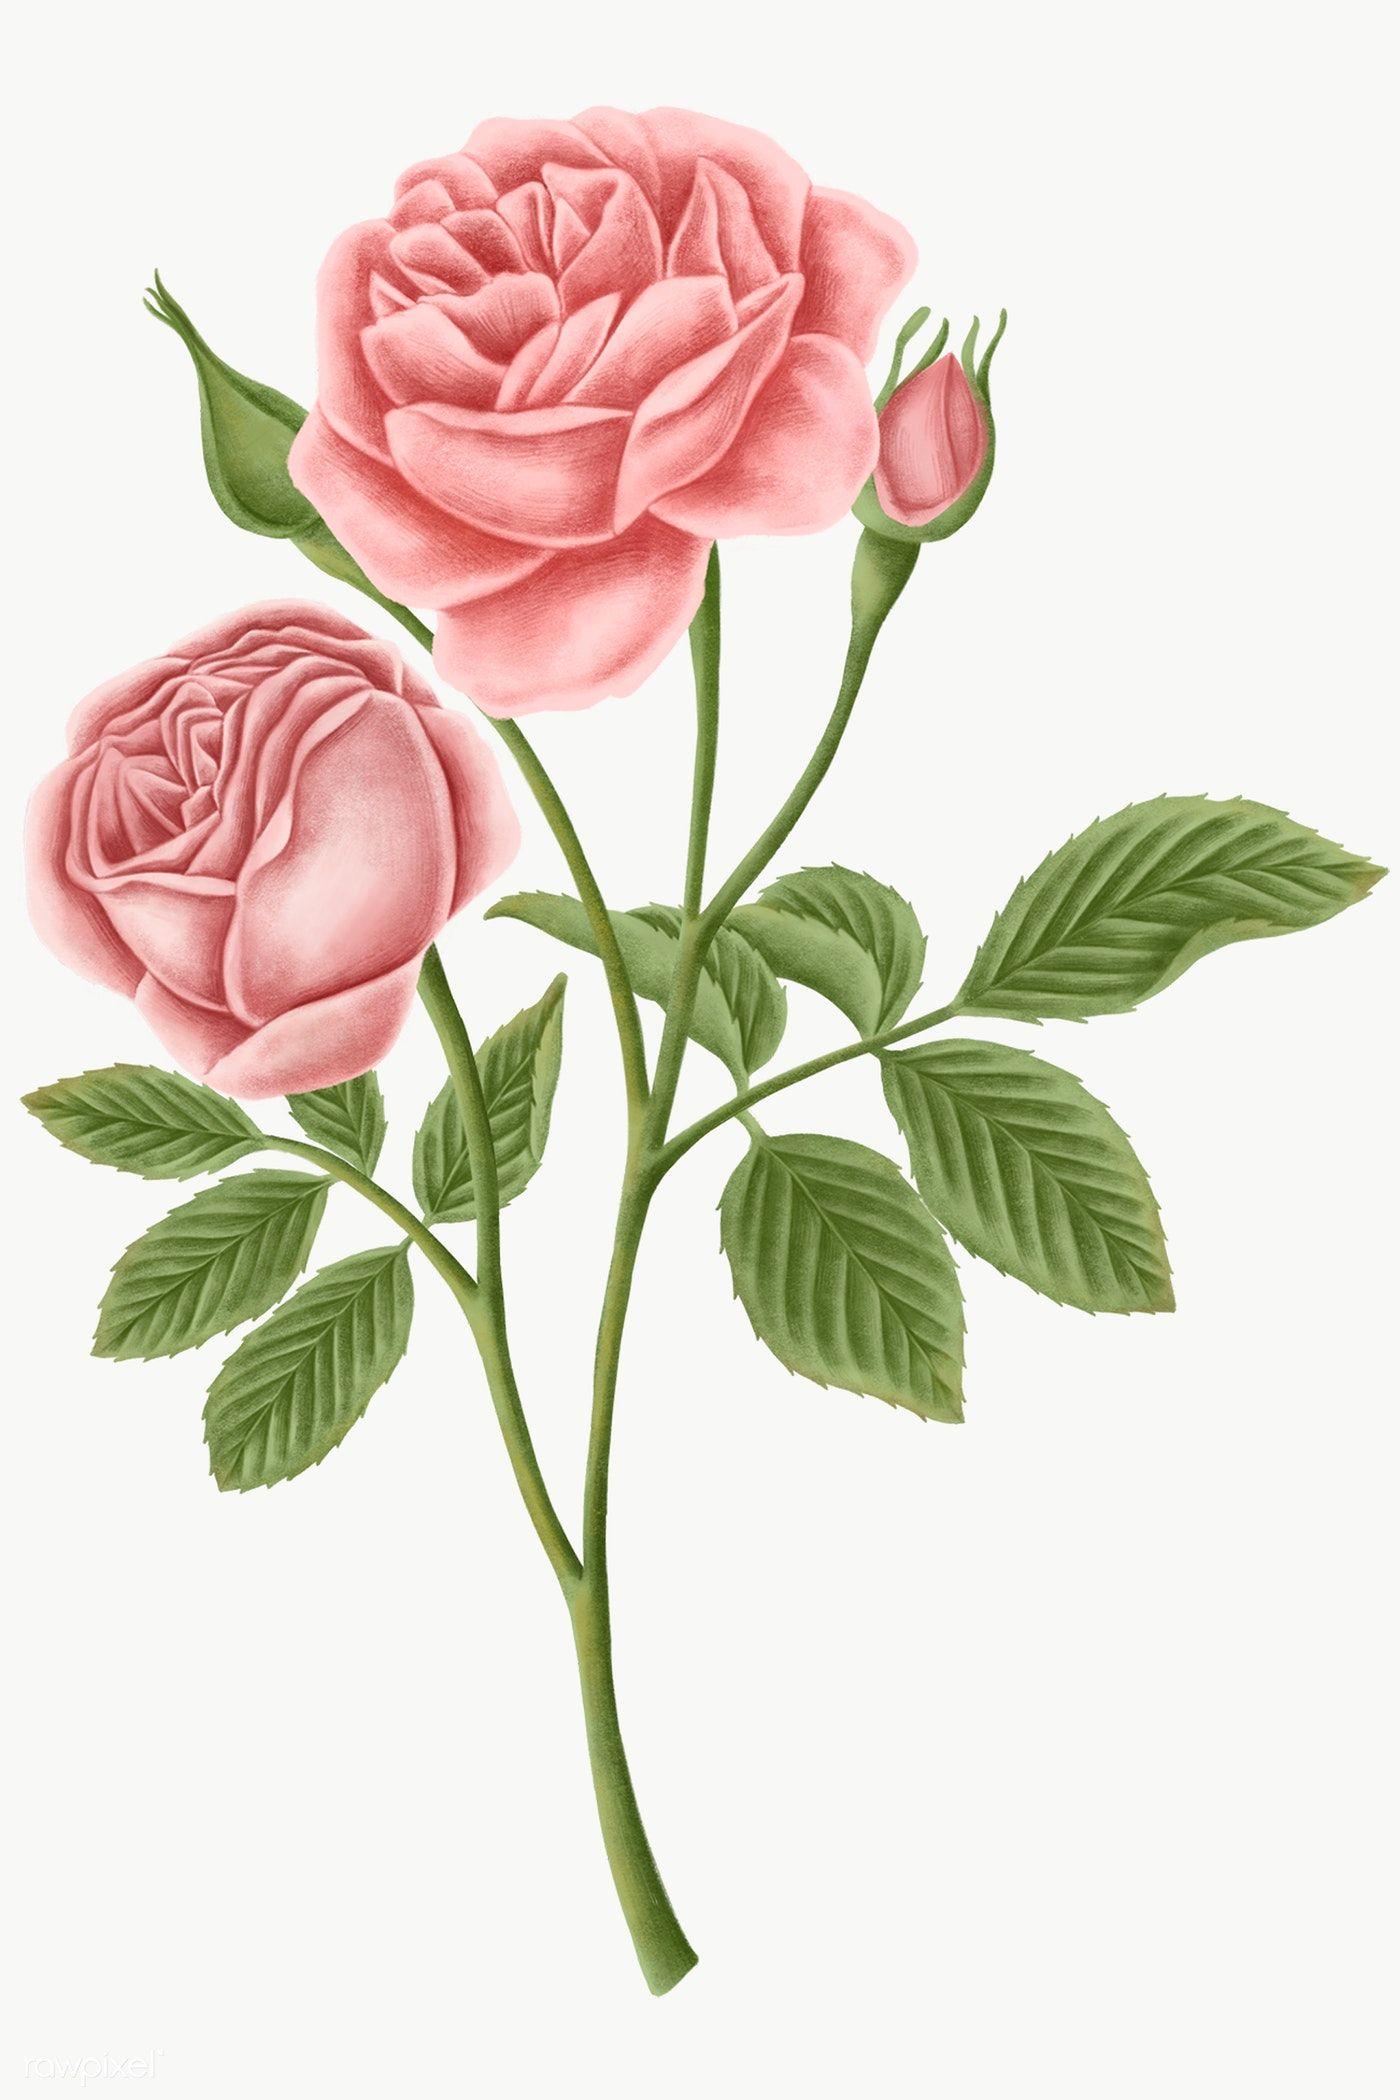 Download Premium Png Of Vintage Rose Flower Transparent Png 2091313 In 2020 Flower Illustration Flower Drawing Rose Flower